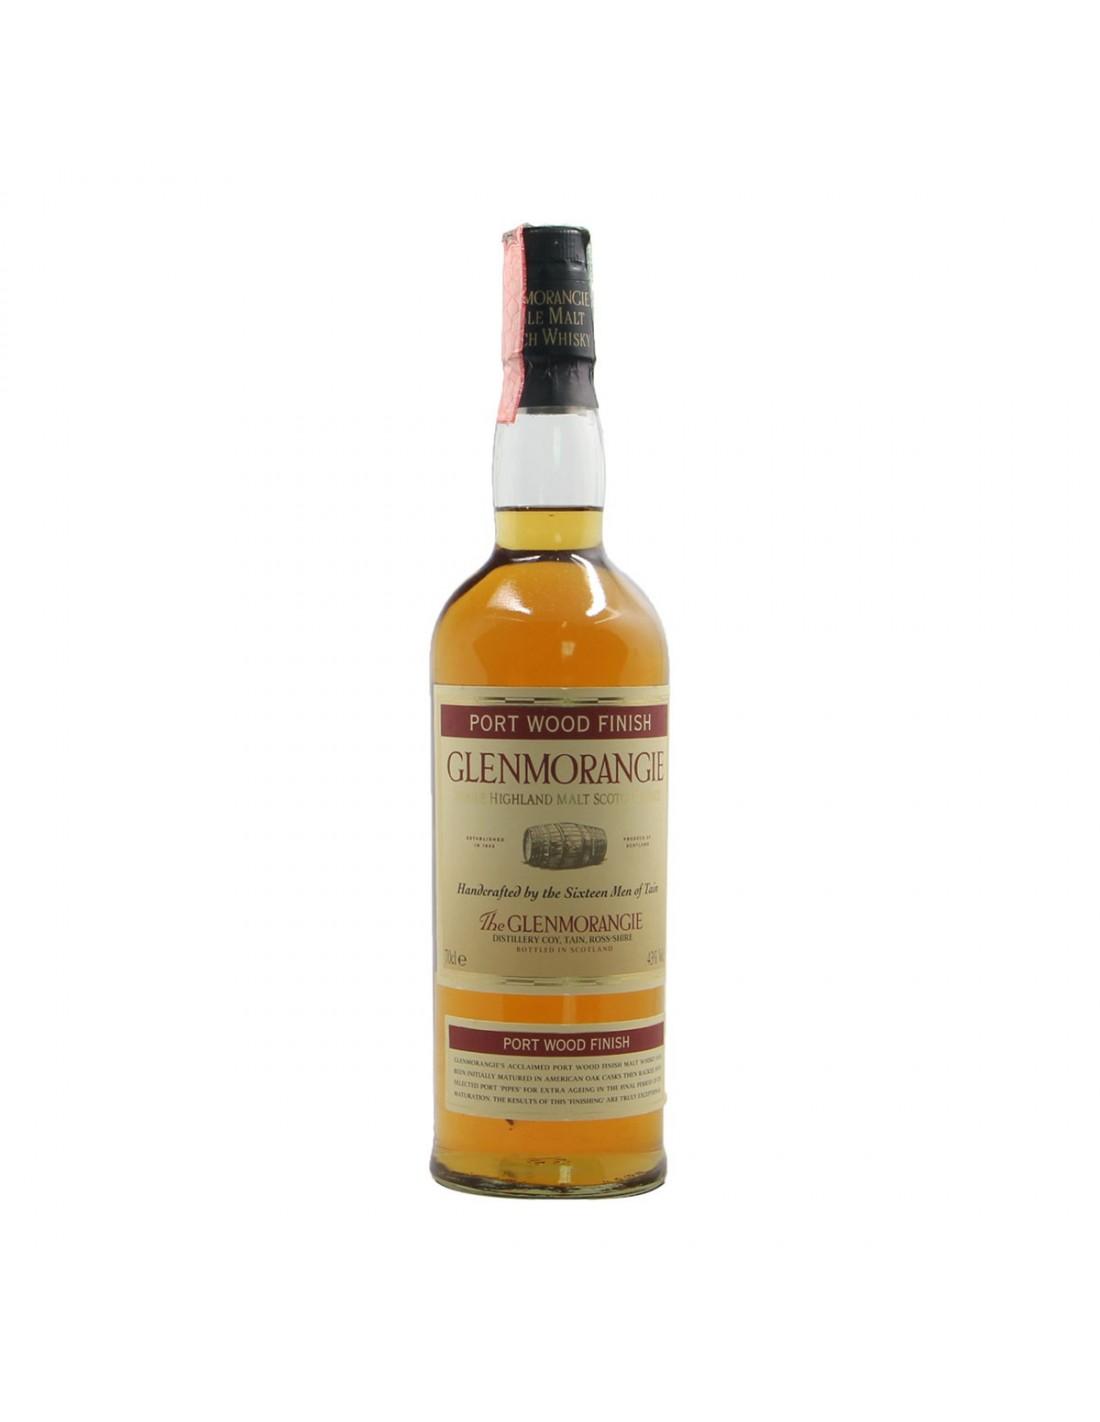 SCOTCH WHISKY HIGHLAND SINGLE MALT PORT WOOD FINISH NV GLENMORANGIE Grandi Bottiglie